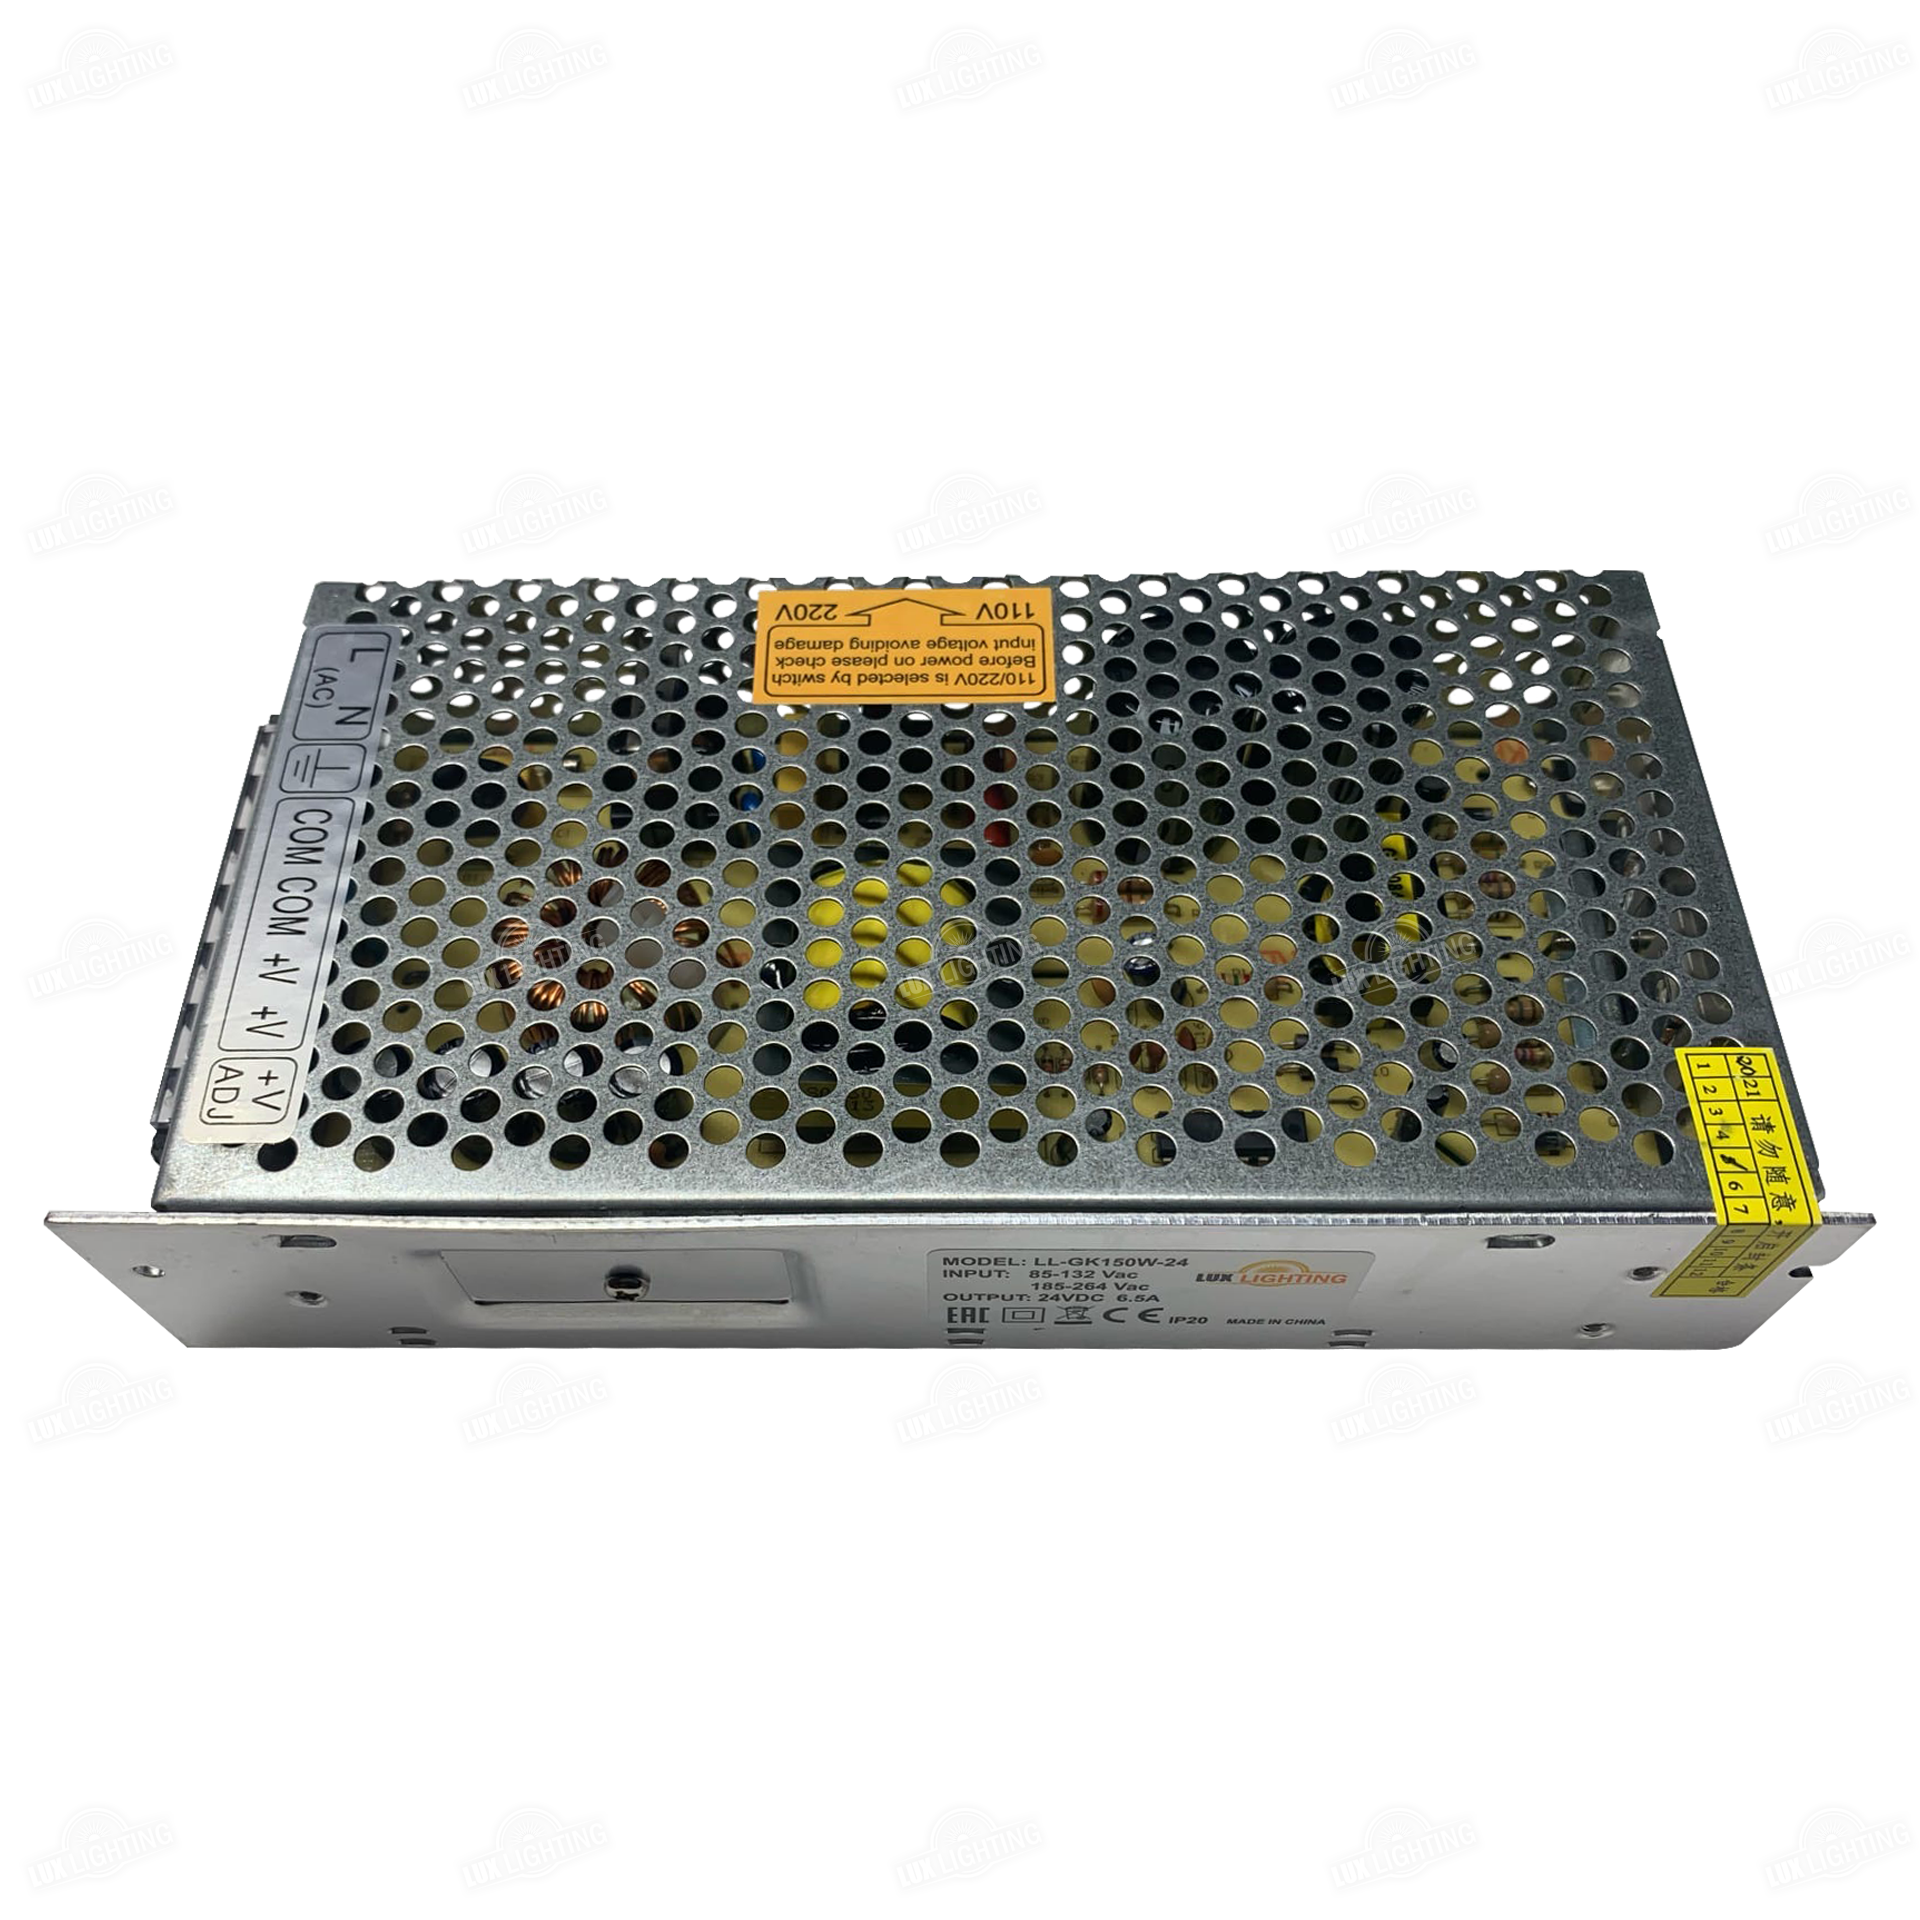 Источник питания LL-GK150W-24V (24V, 150W) IP20